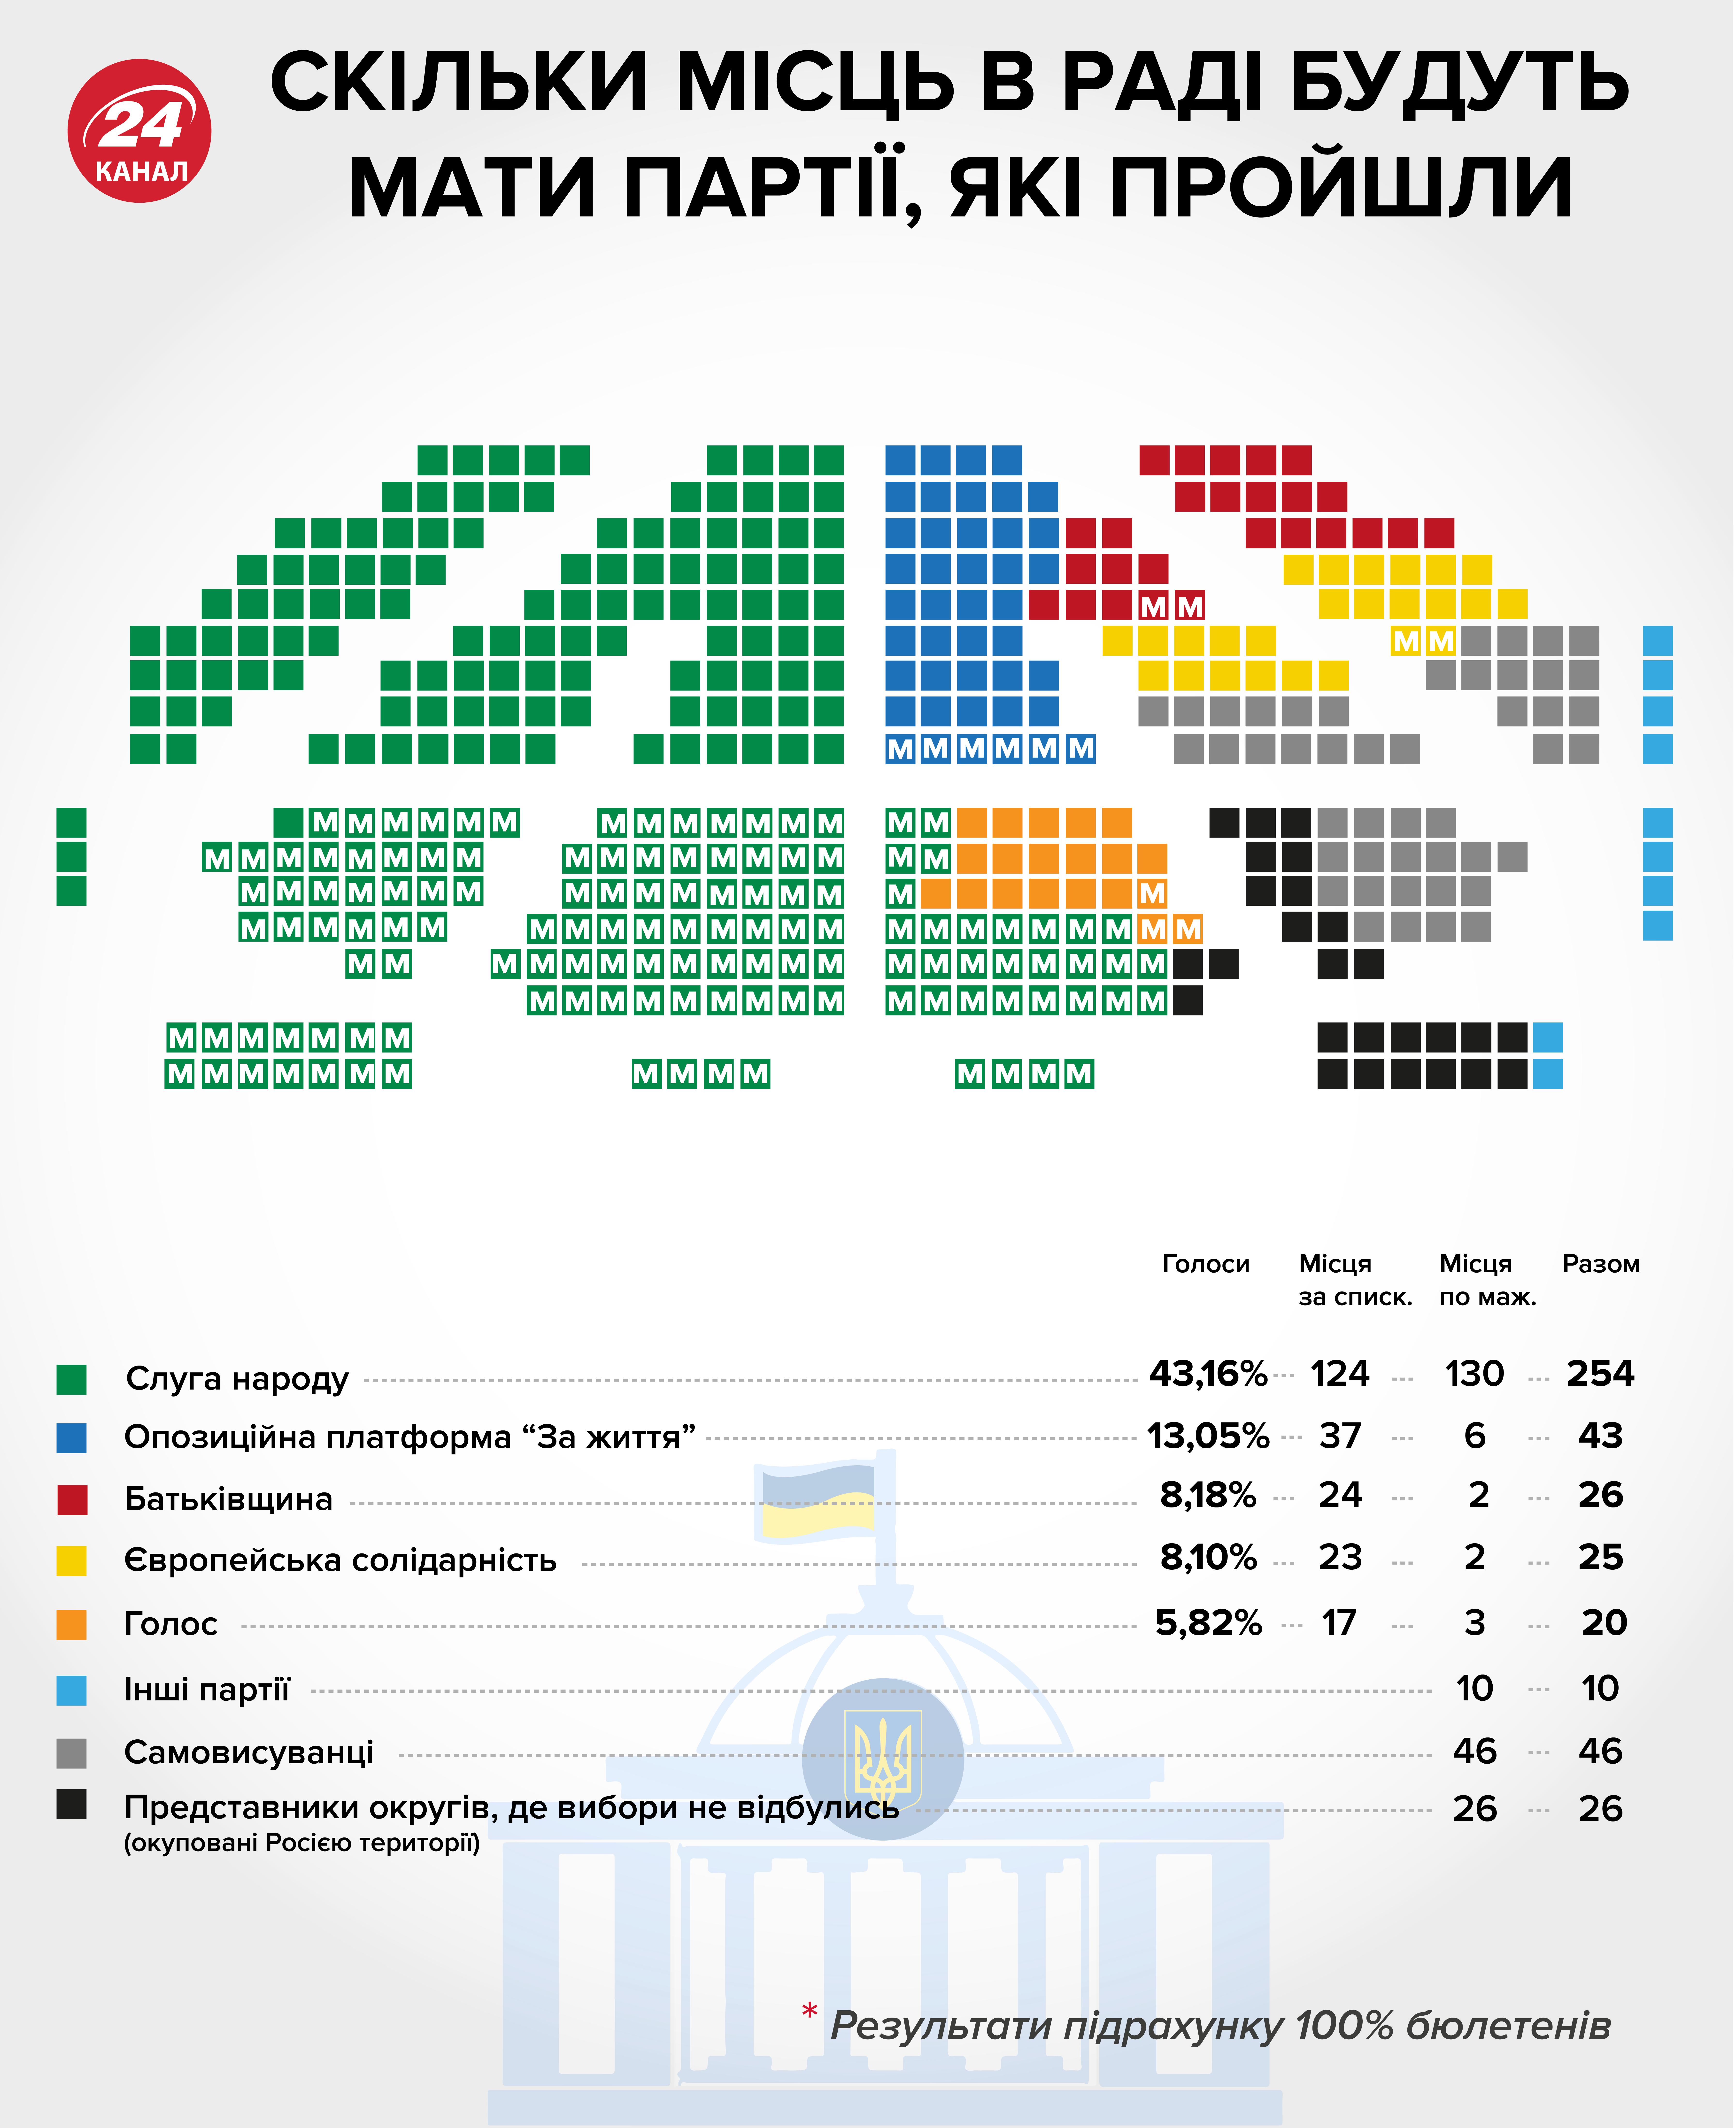 Результати парламентських виборів в інфографіці